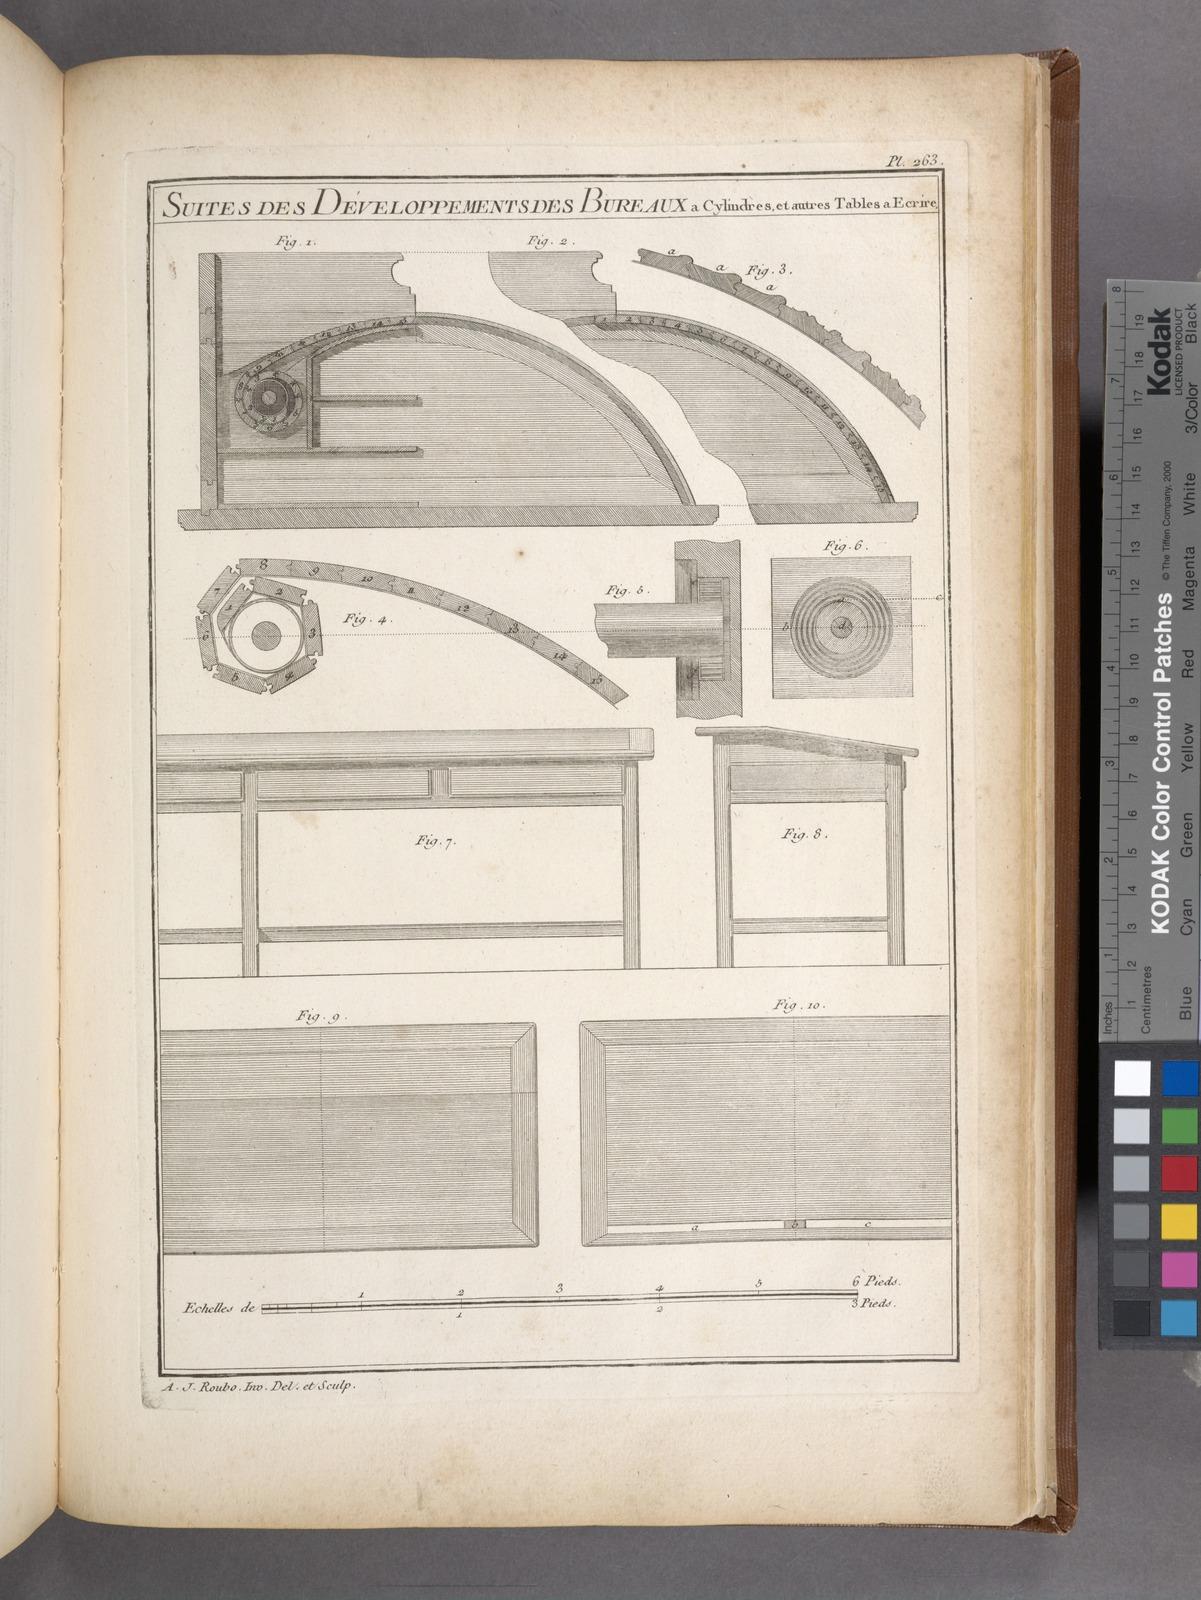 Suites des développements des bureaux a cylindres et autres tables a ecrire.